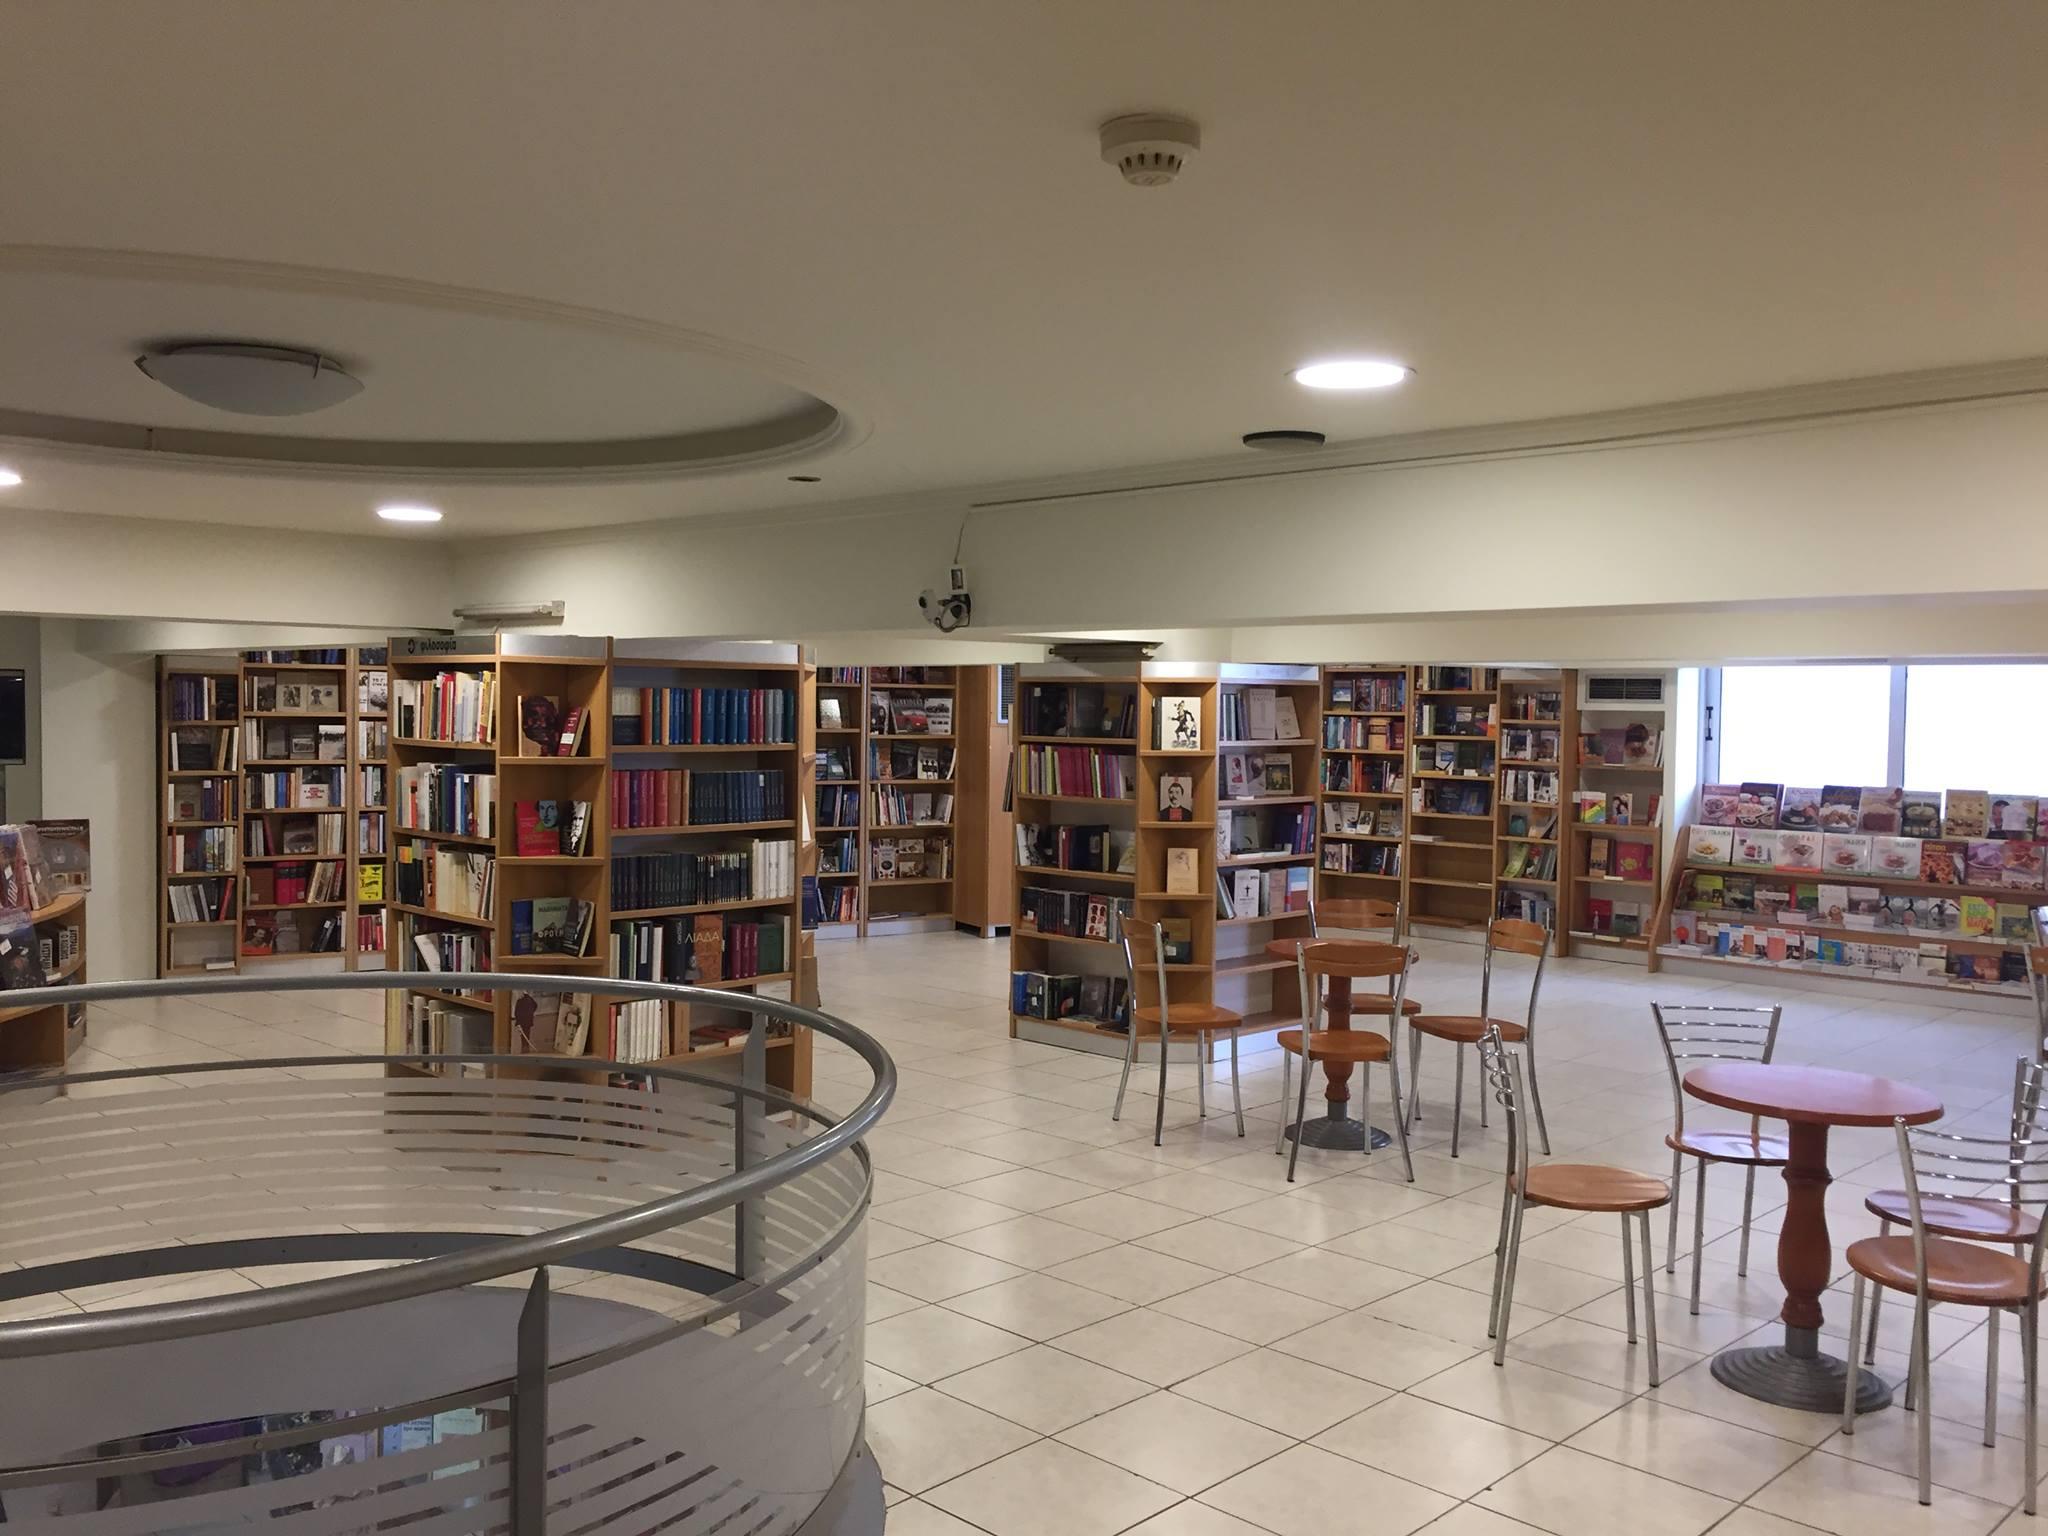 23468351 149008982376442 1045038100 o - Το Κλου | Το βιβλιοπωλείο που αλλάζει την συνήθεια στο βιβλίο